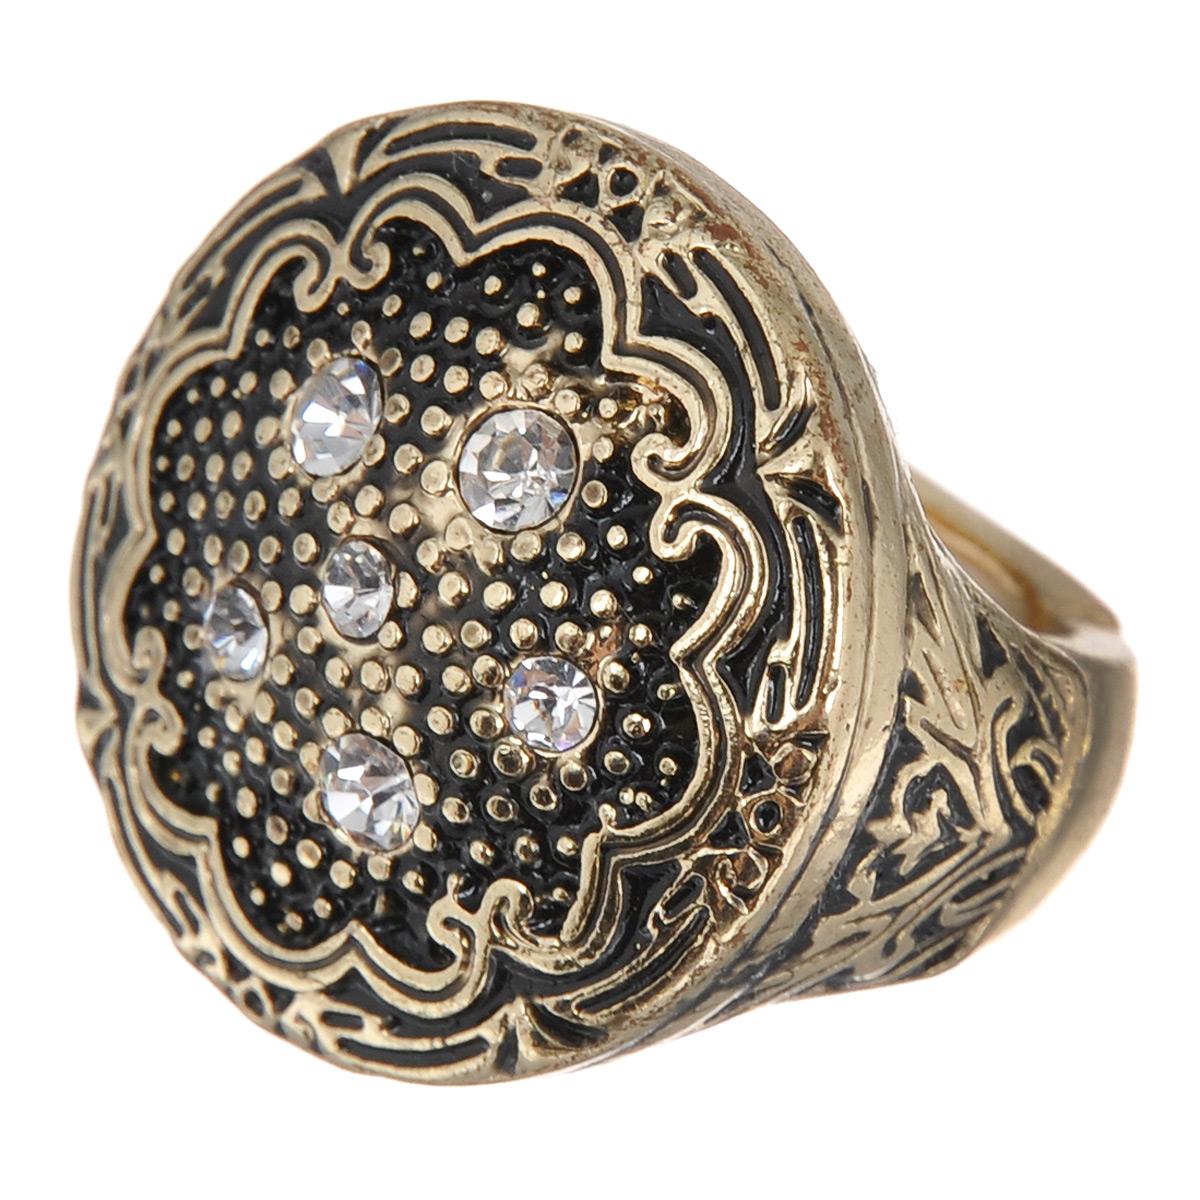 Кольцо Avgad, цвет: золотистый. EA178JW160EA178JW160Оригинальное кольцо Avgad выполненное из ювелирного сплава, декорировано стразами и рельефным узором. Элементы кольца соединены с помощью тонкой резинки, благодаря этому оно легко одевается и снимается. Размер универсальный. Кольцо позволит вам с легкостью воплотить самую смелую фантазию и создать собственный, неповторимый образ.